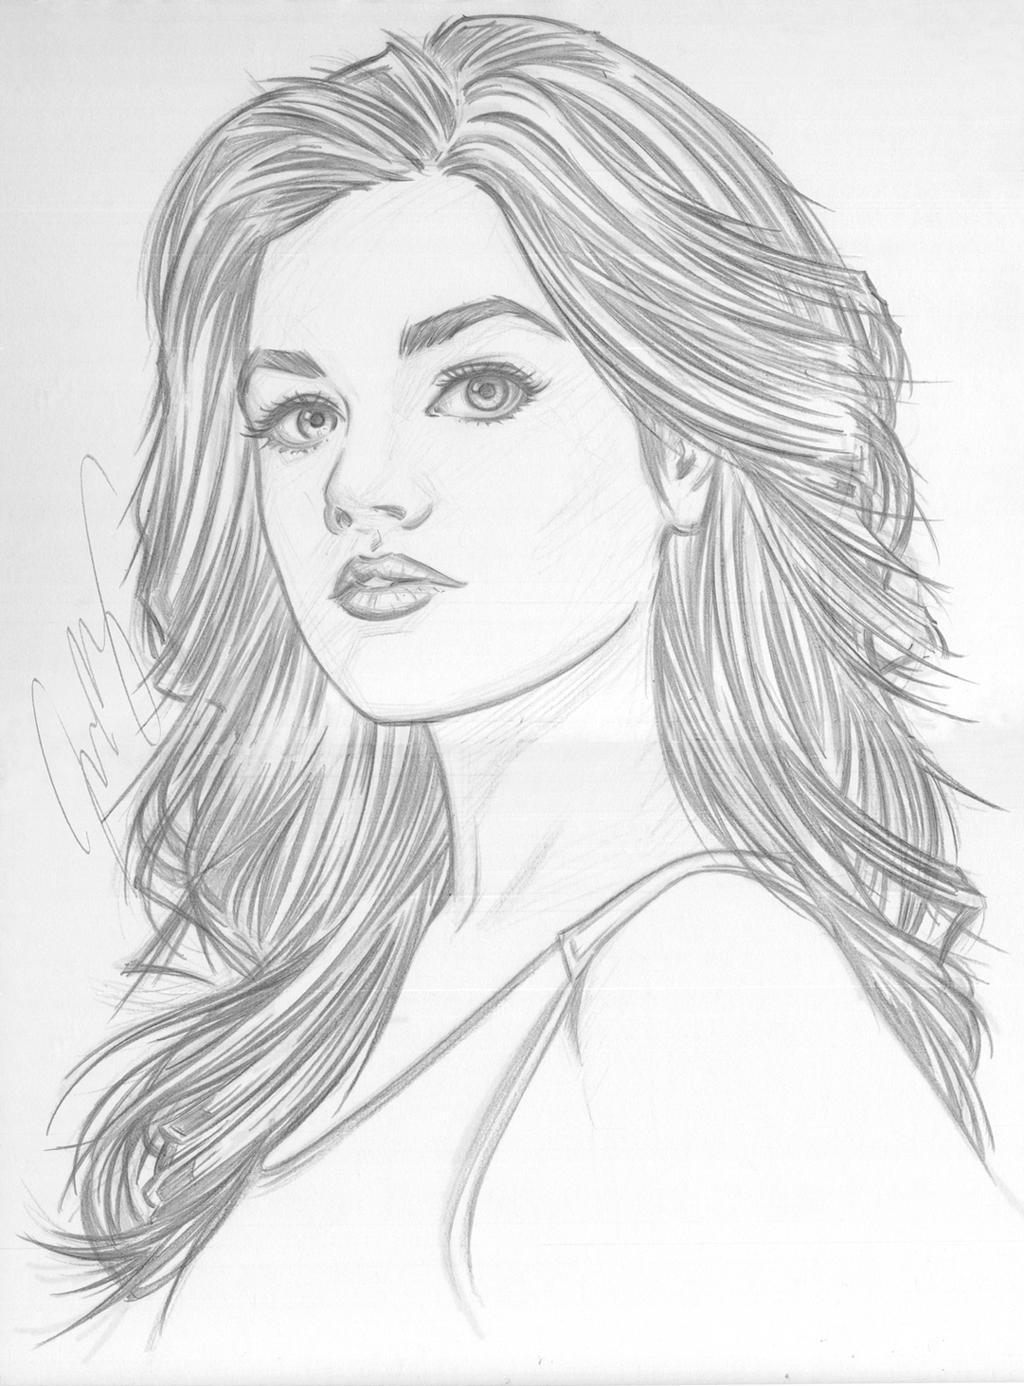 Line Art Picsart : Lucy hale portrait wip by jon moss on deviantart